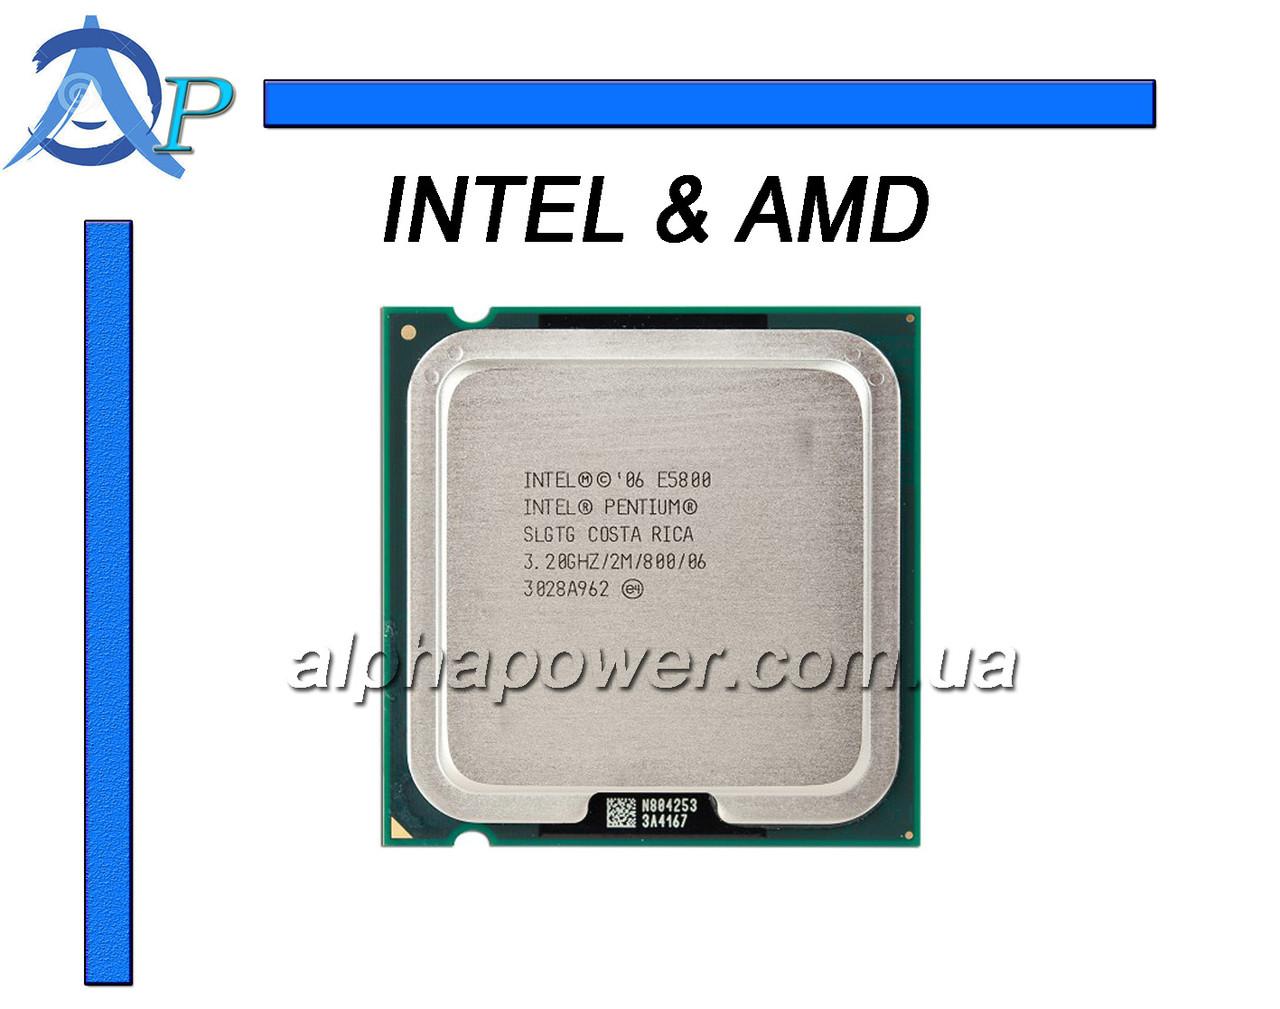 Процесор Intel Pentium Dual-Core E5800 3.2GHz/2MB/800MHz Socket 775 - интернет магазин Alpha POWER в Киеве